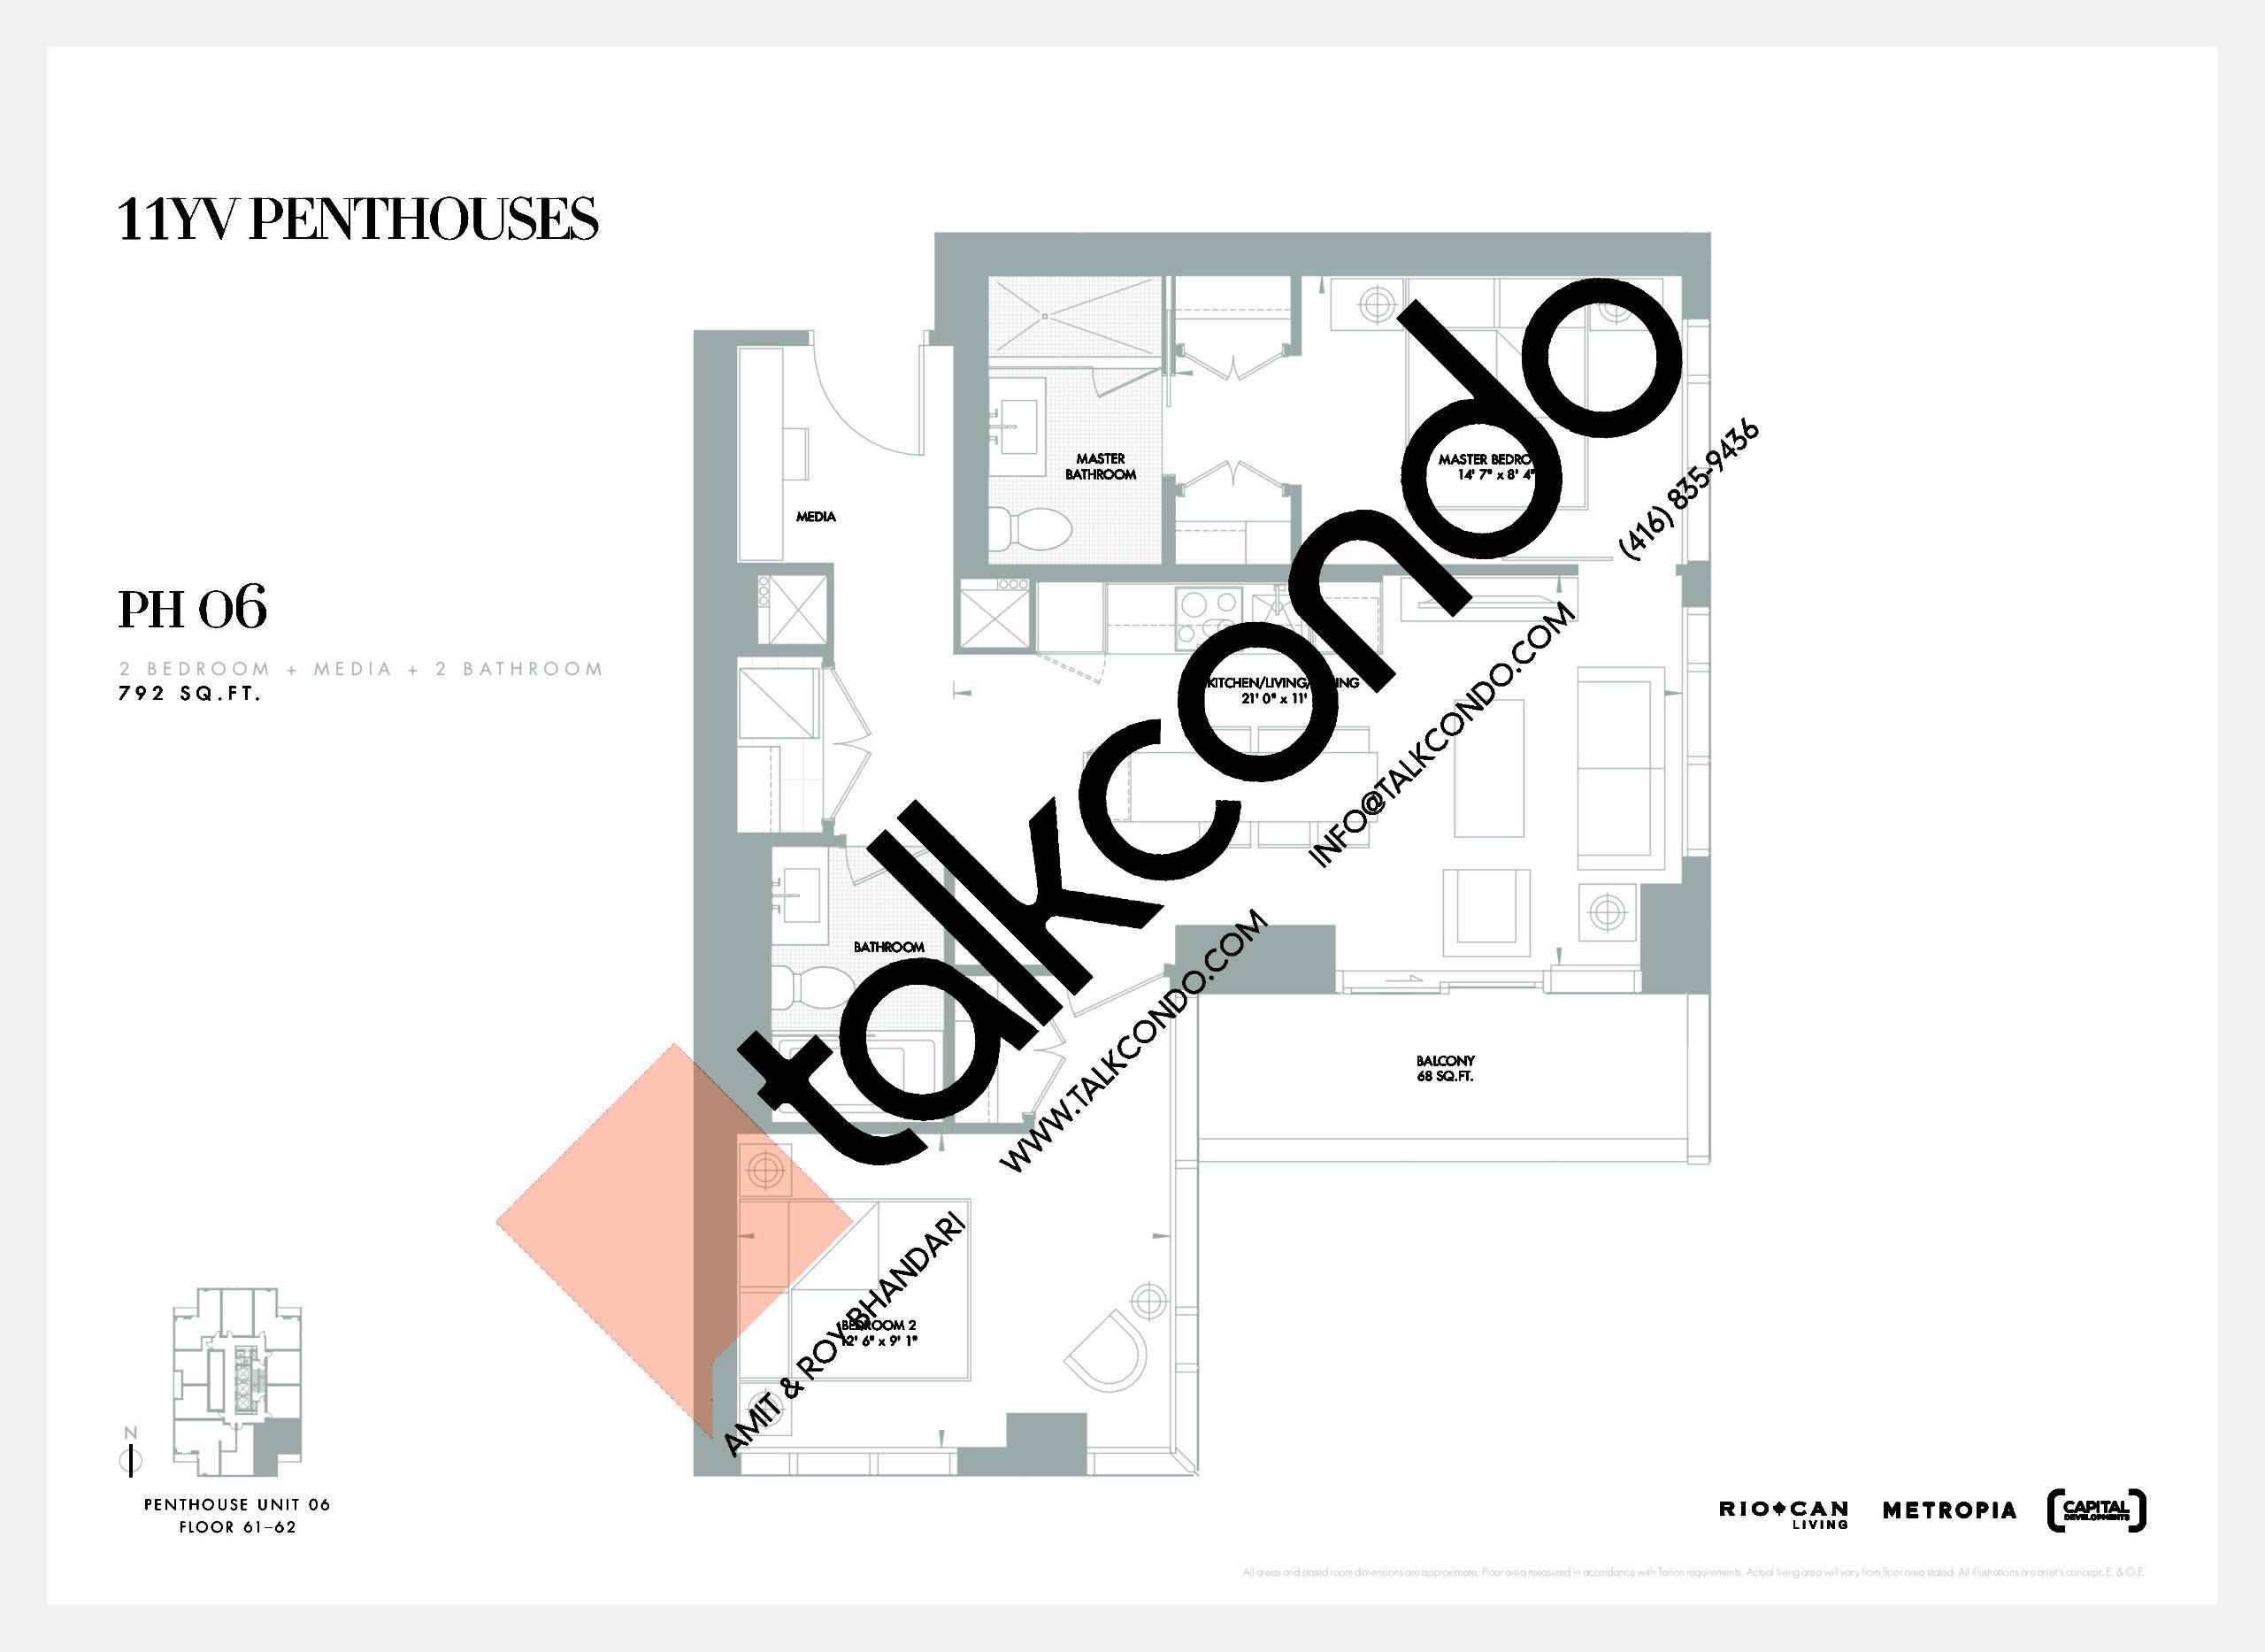 PH 06 Floor Plan at 11YV Condos - 792 sq.ft